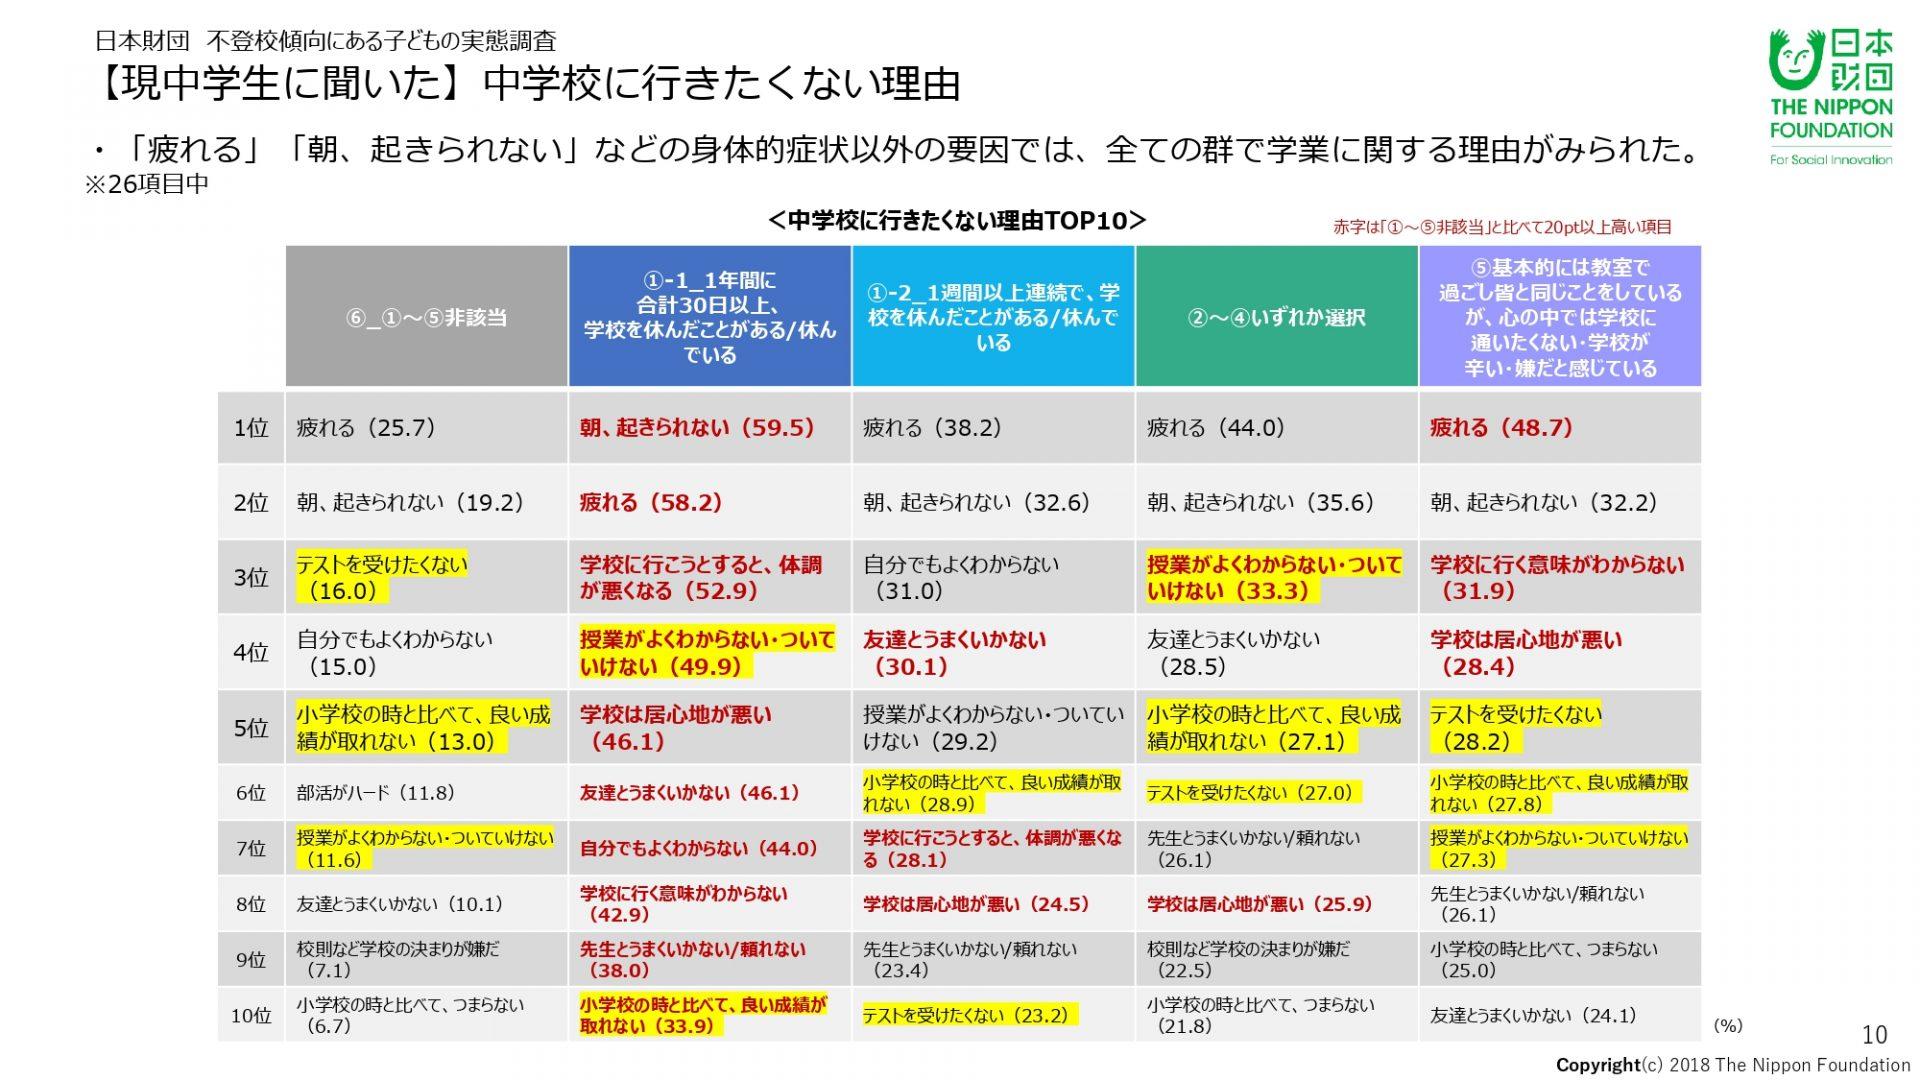 日本財団:2018年12月不登校傾向にある子どもの実態調査